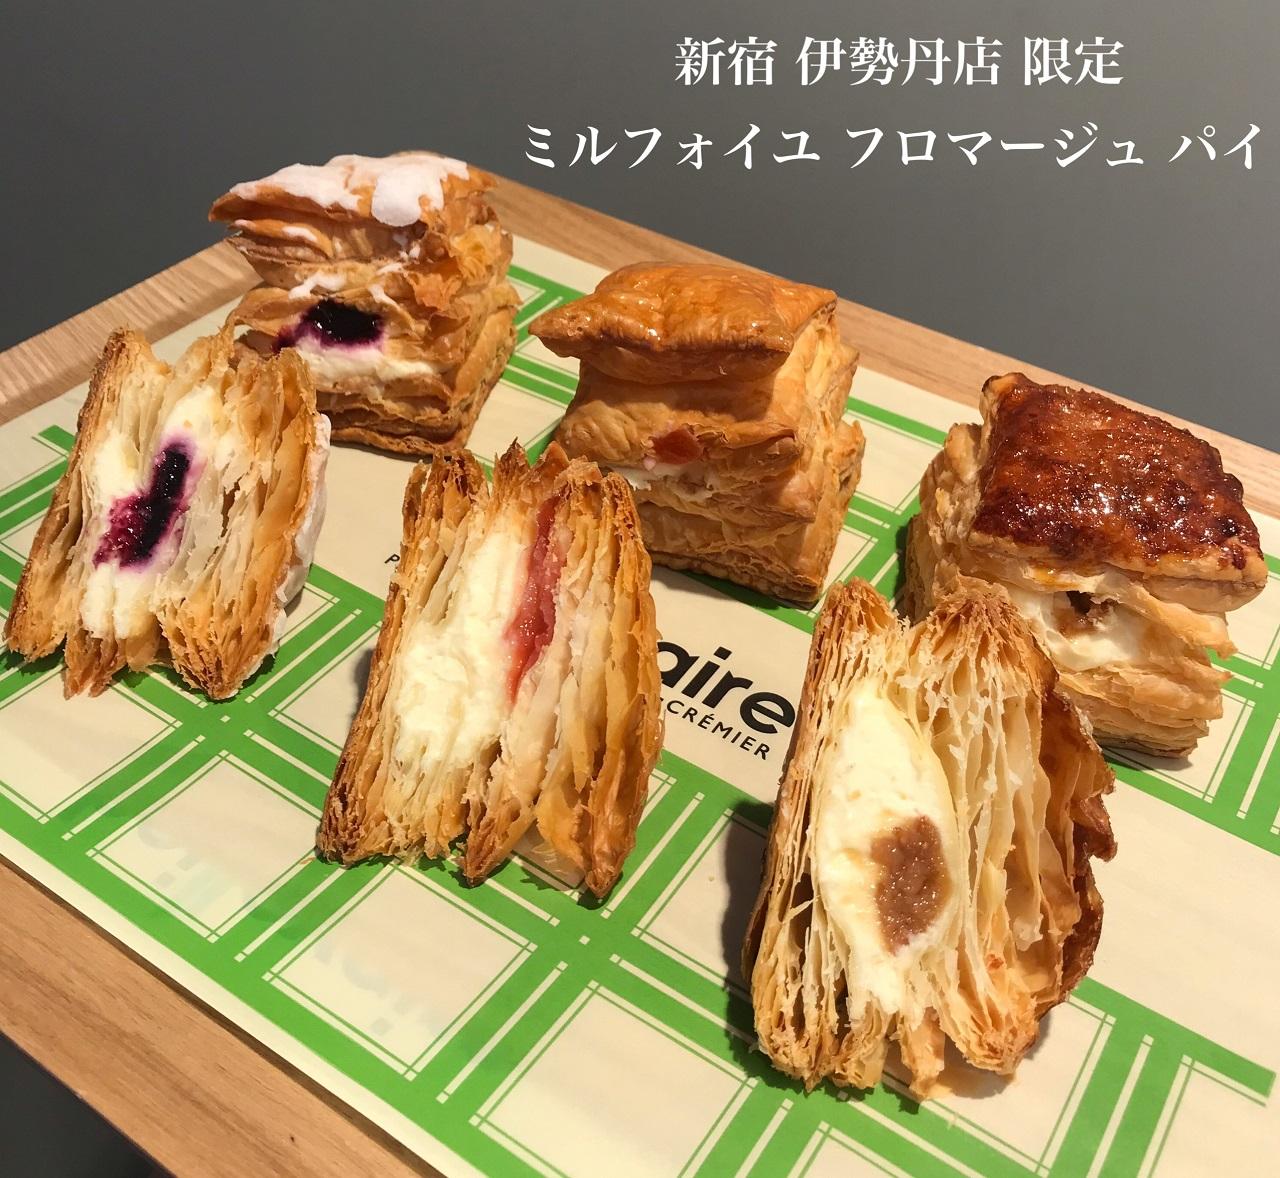 チーズケーキとバターサンド専門店「ベイユヴェール」が新宿伊勢丹にオープン!